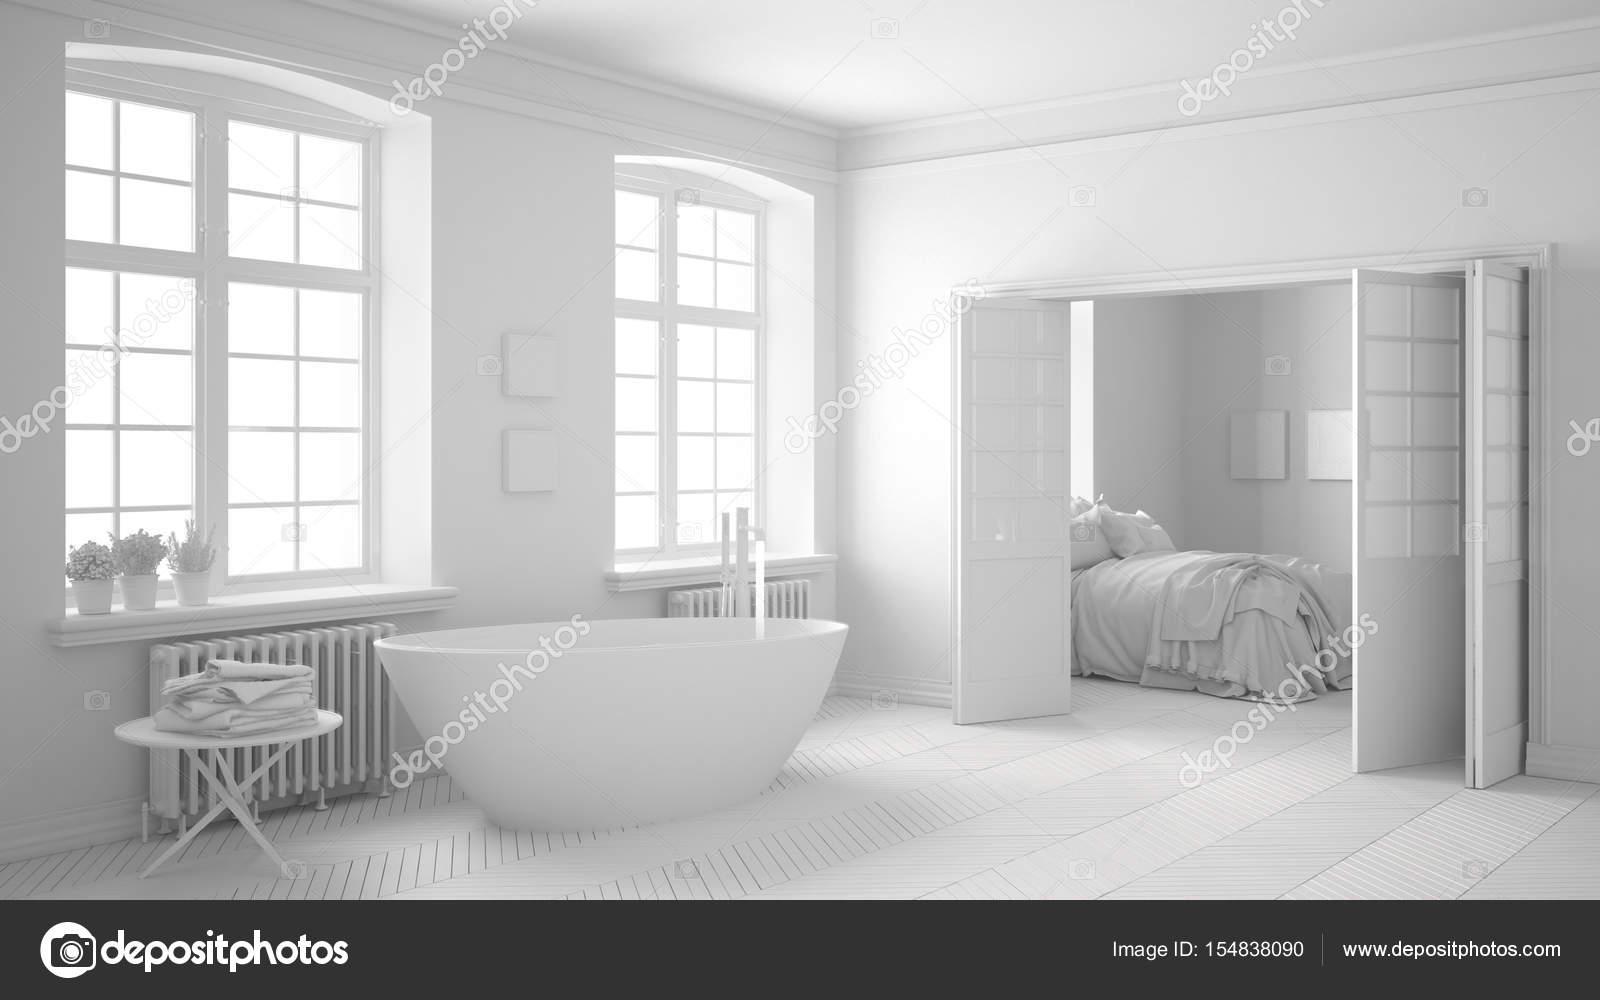 Superieur Total Blanc Salle De Bains Scandinave Avec Chambre à Coucher Dans Le Fond,  Décoration Minimaliste U2014 Image De ...